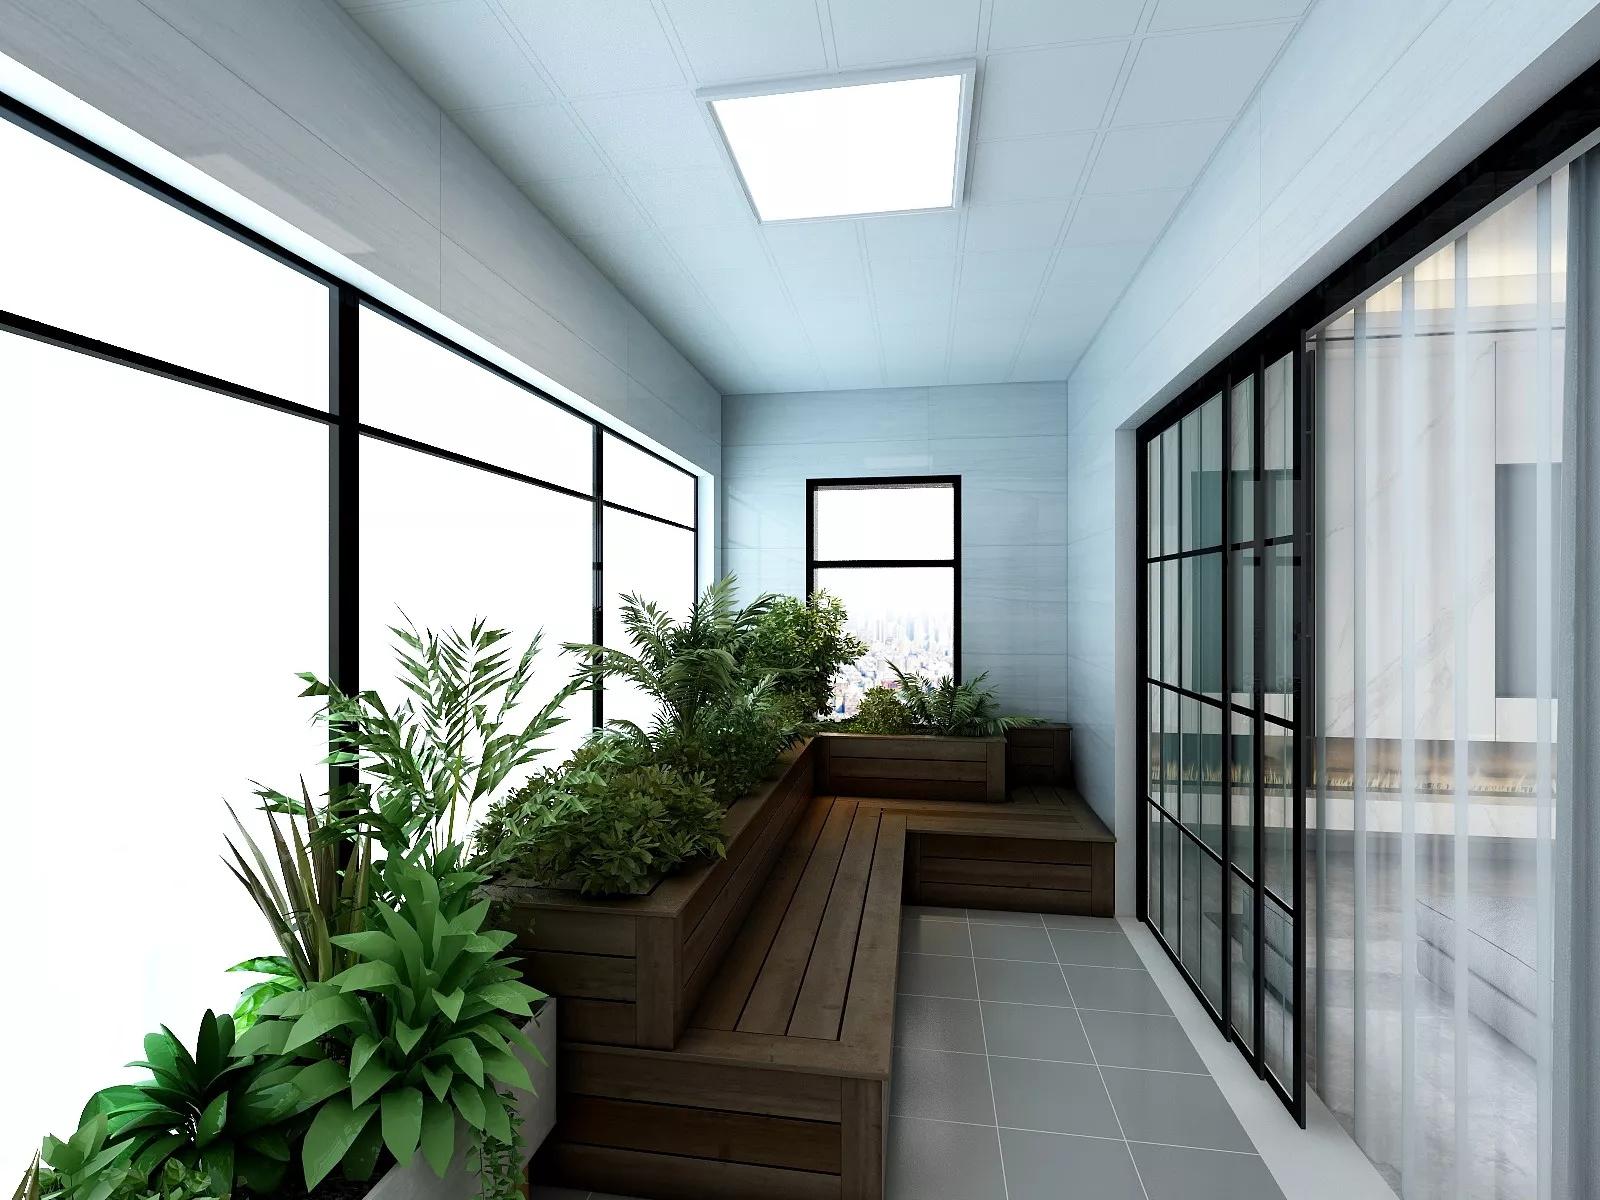 超级有范儿的工业风格公寓装修效果图